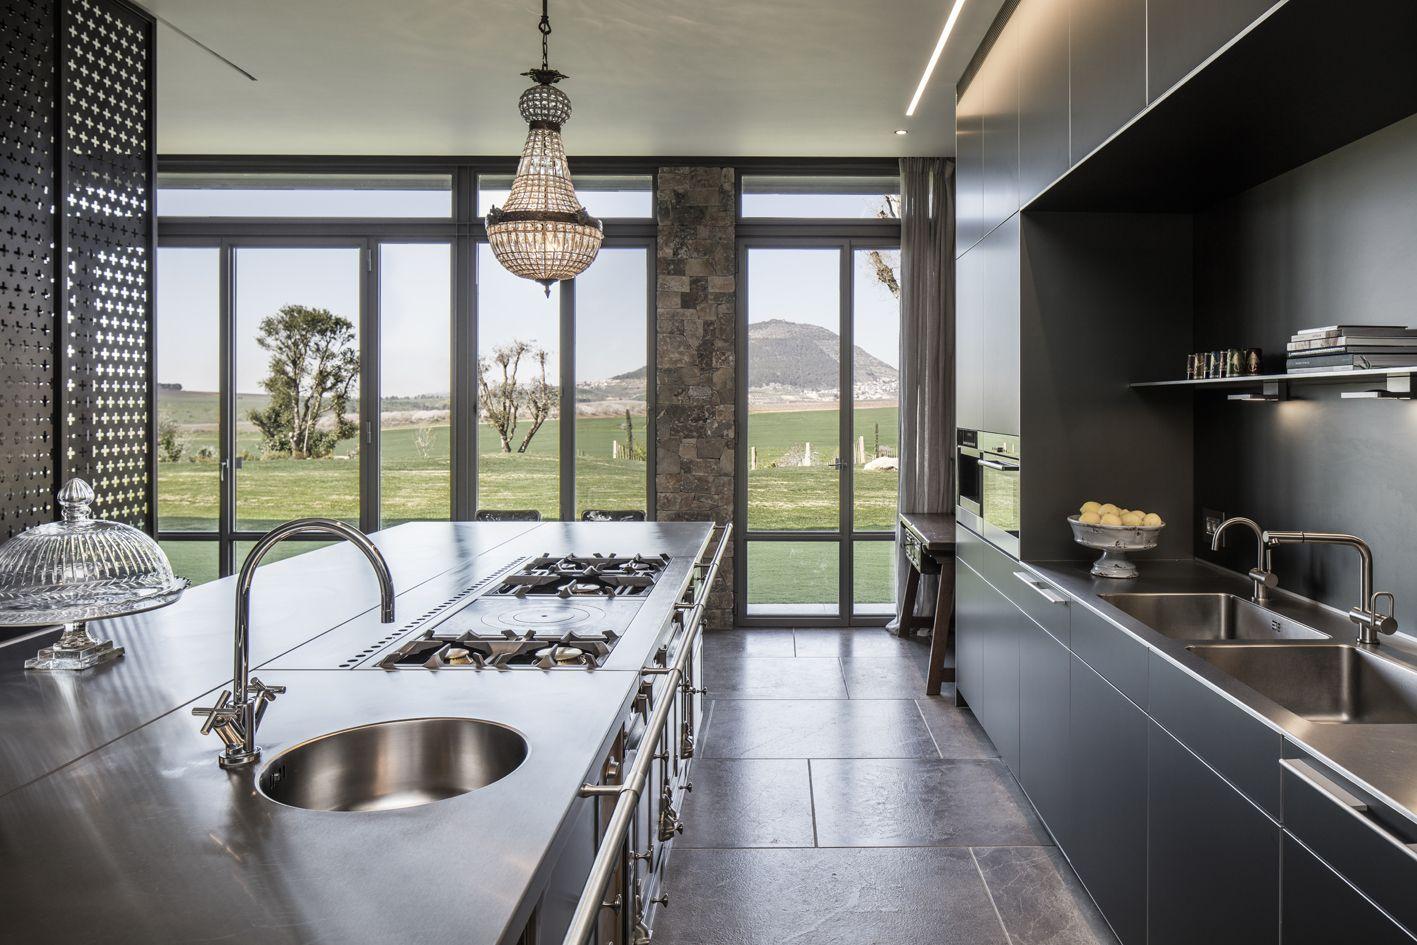 La Cornue island stainless steel Château 150 | La Cornue Kitchen ...